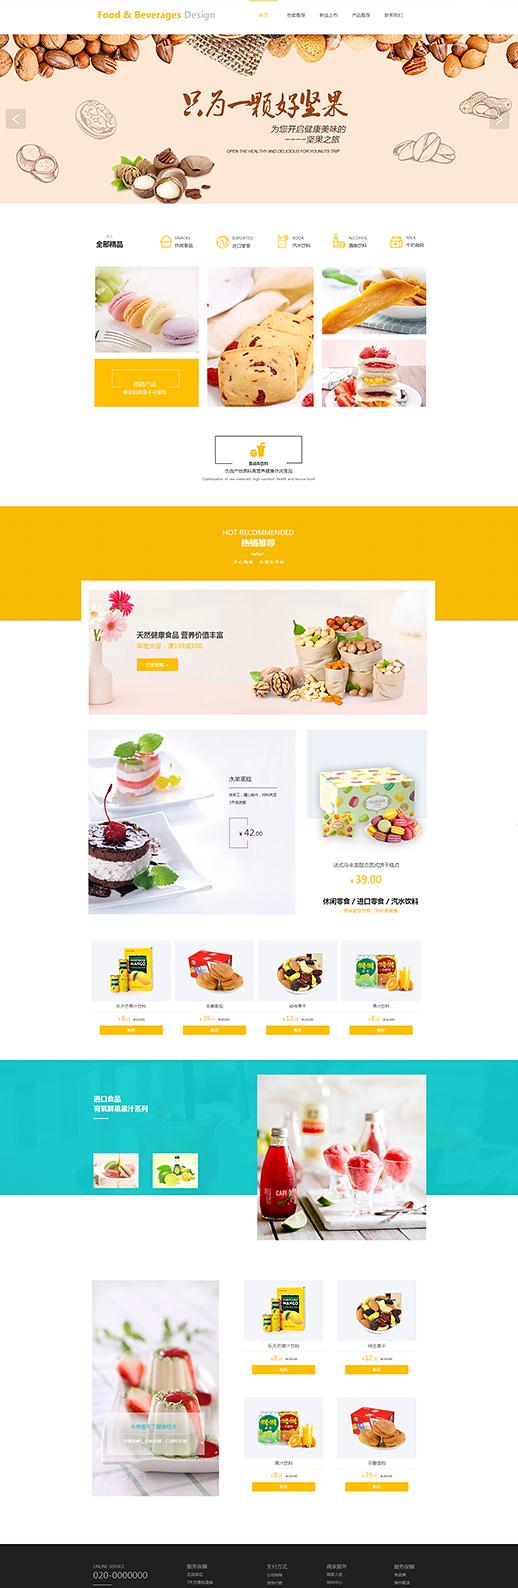 简洁网站首页模板_响应式购物网站模板